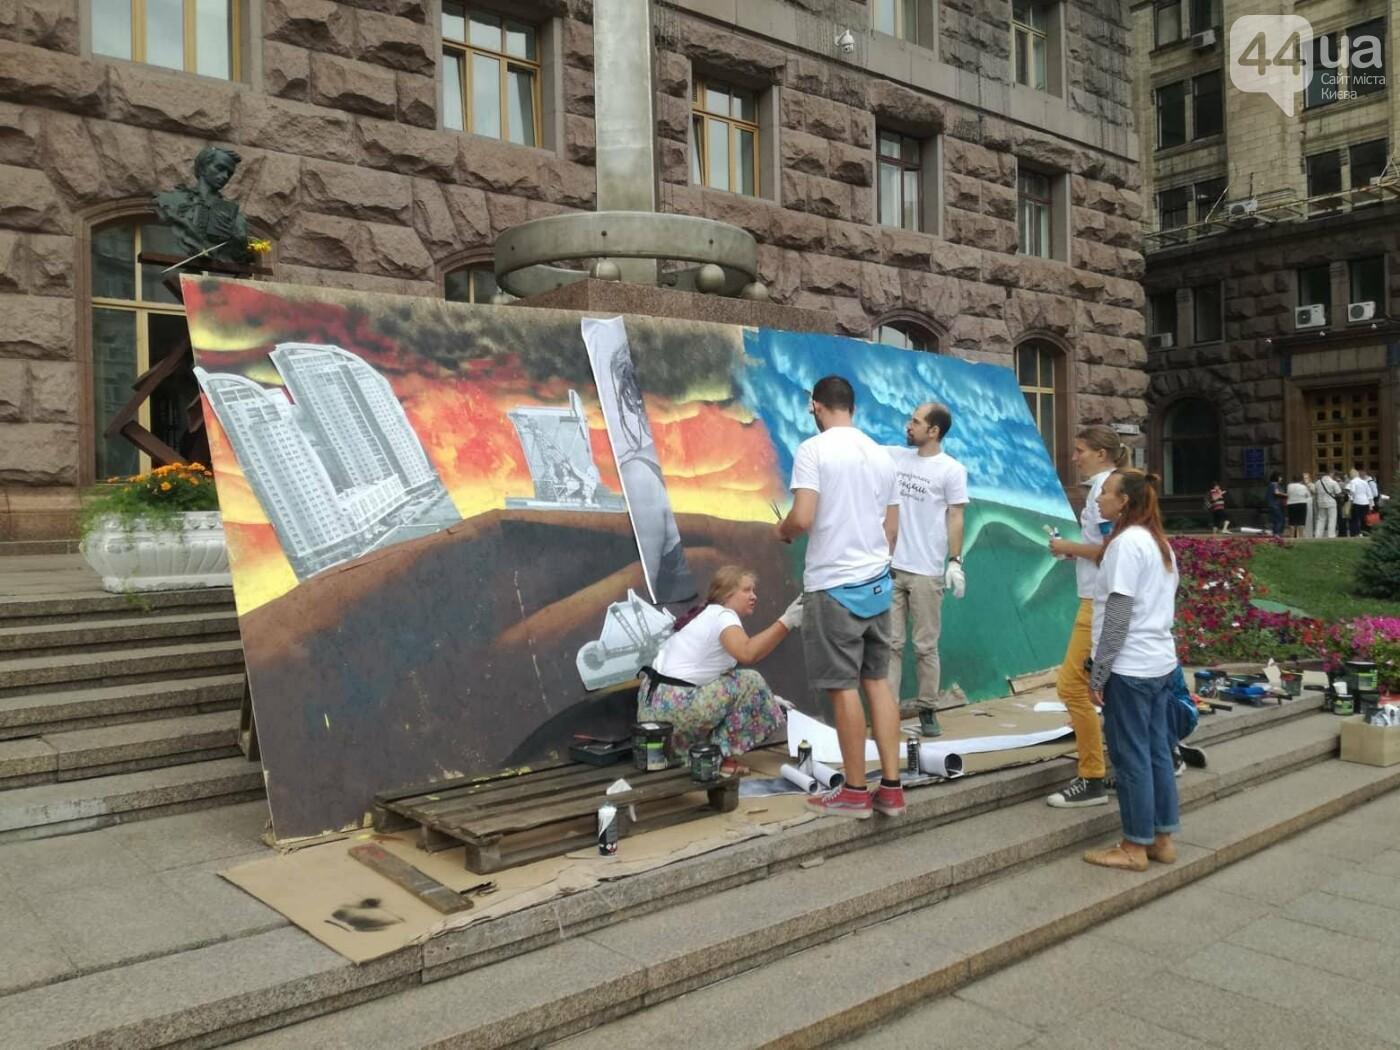 Включи солнце: в центре Киева проходит экологическая акция, - ФОТО, фото-4